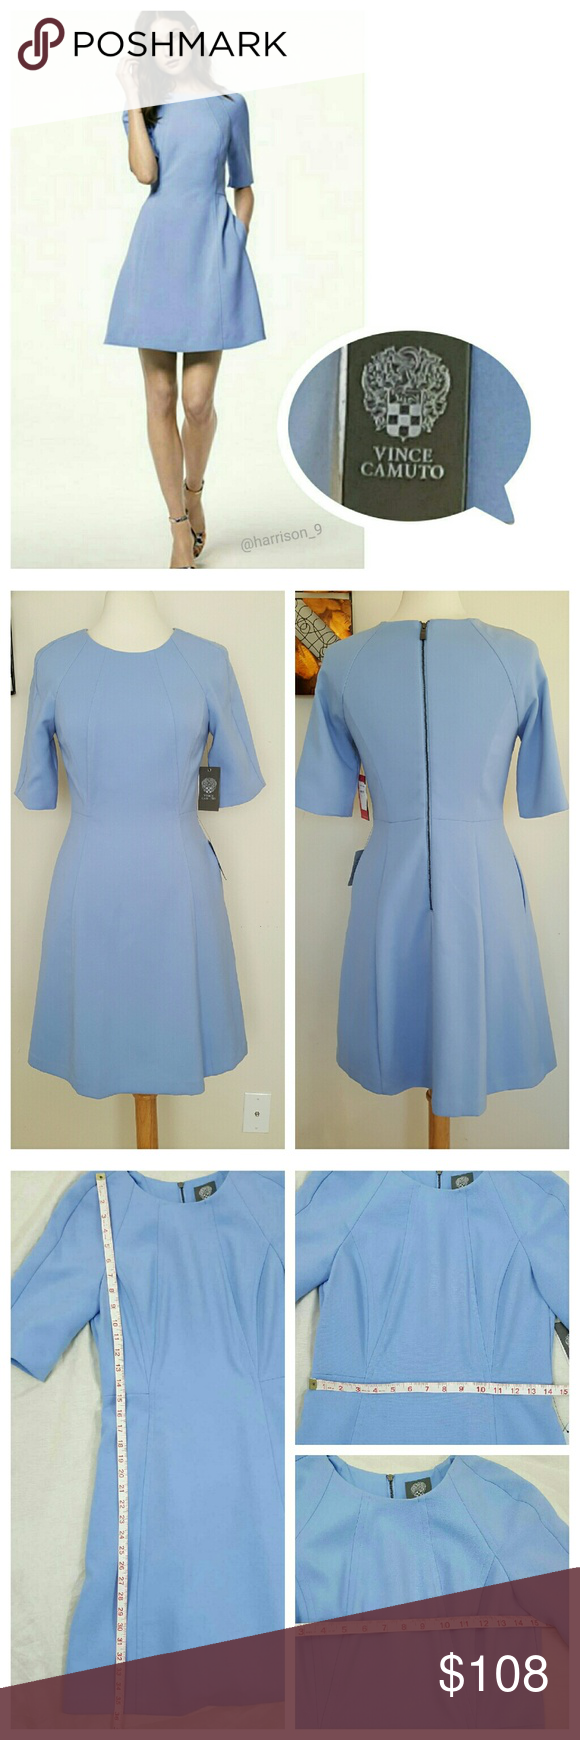 Vince Camuto Nwt A Line Seamed Dress 6 Versatile Dresses Clothes Design Fashion [ 1740 x 580 Pixel ]